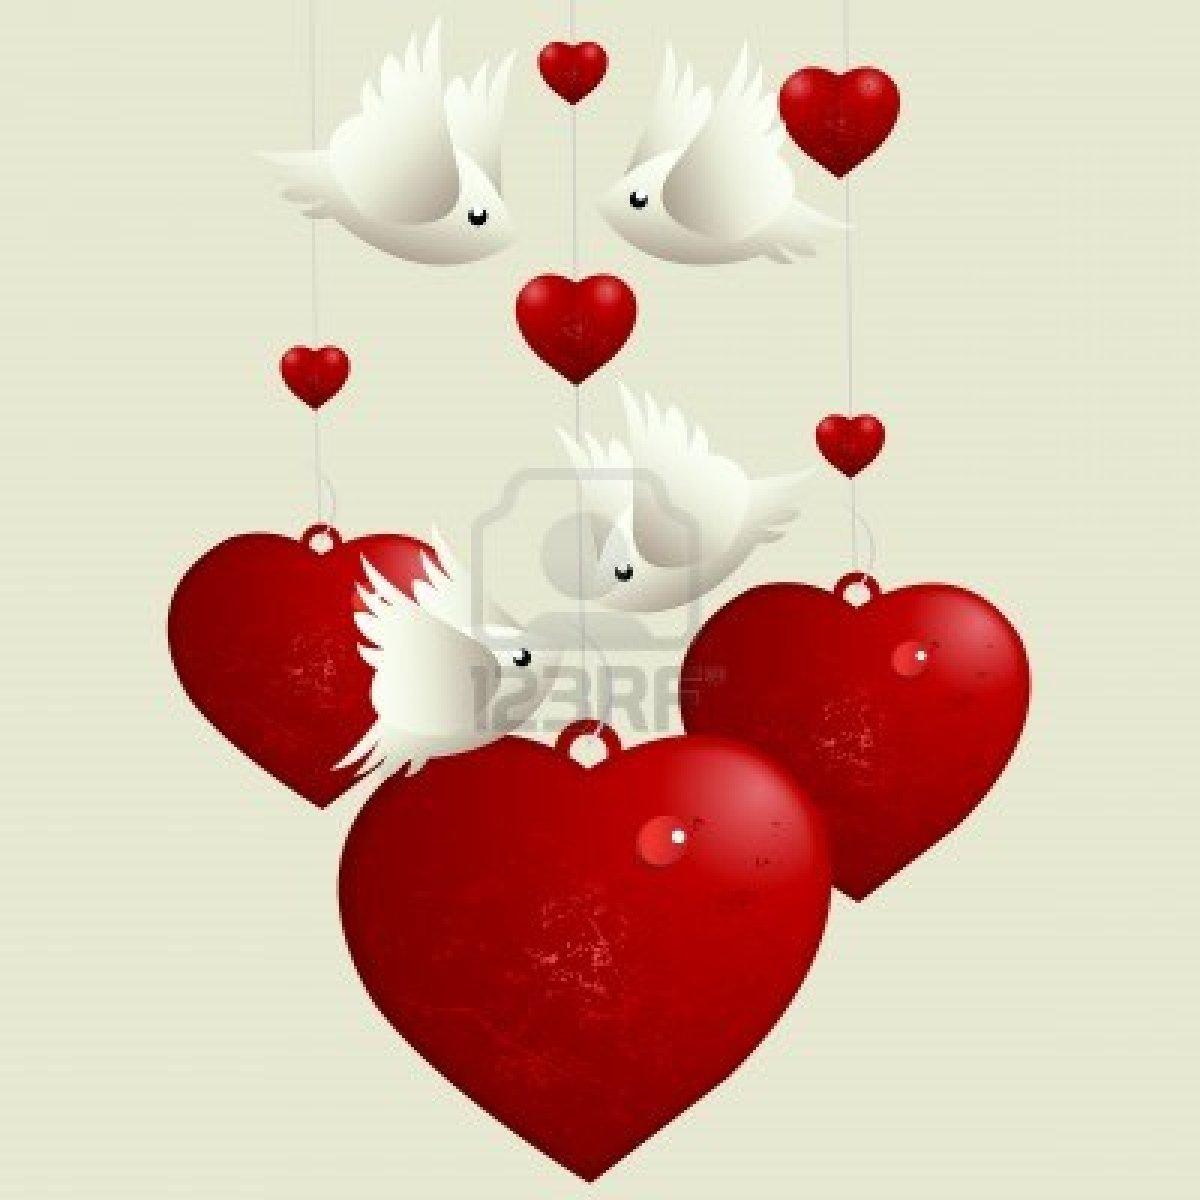 احلى قلوب حب في العالم